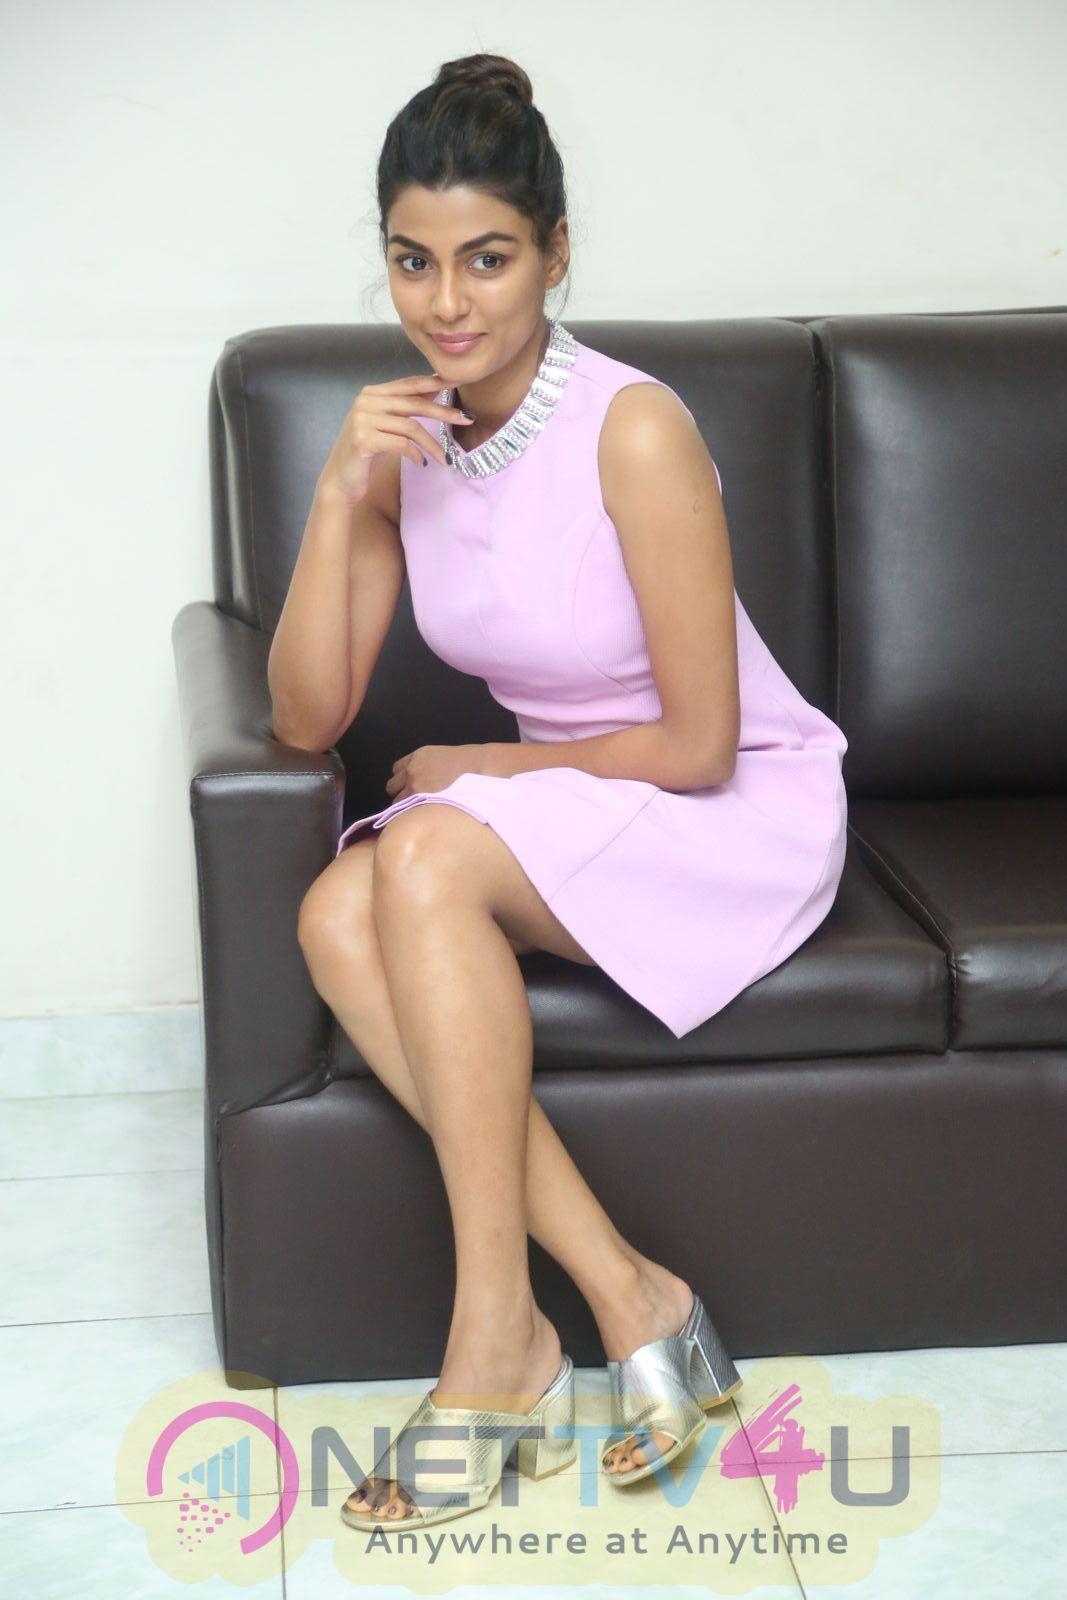 Actress Anisha Ambrose New Photoshoots